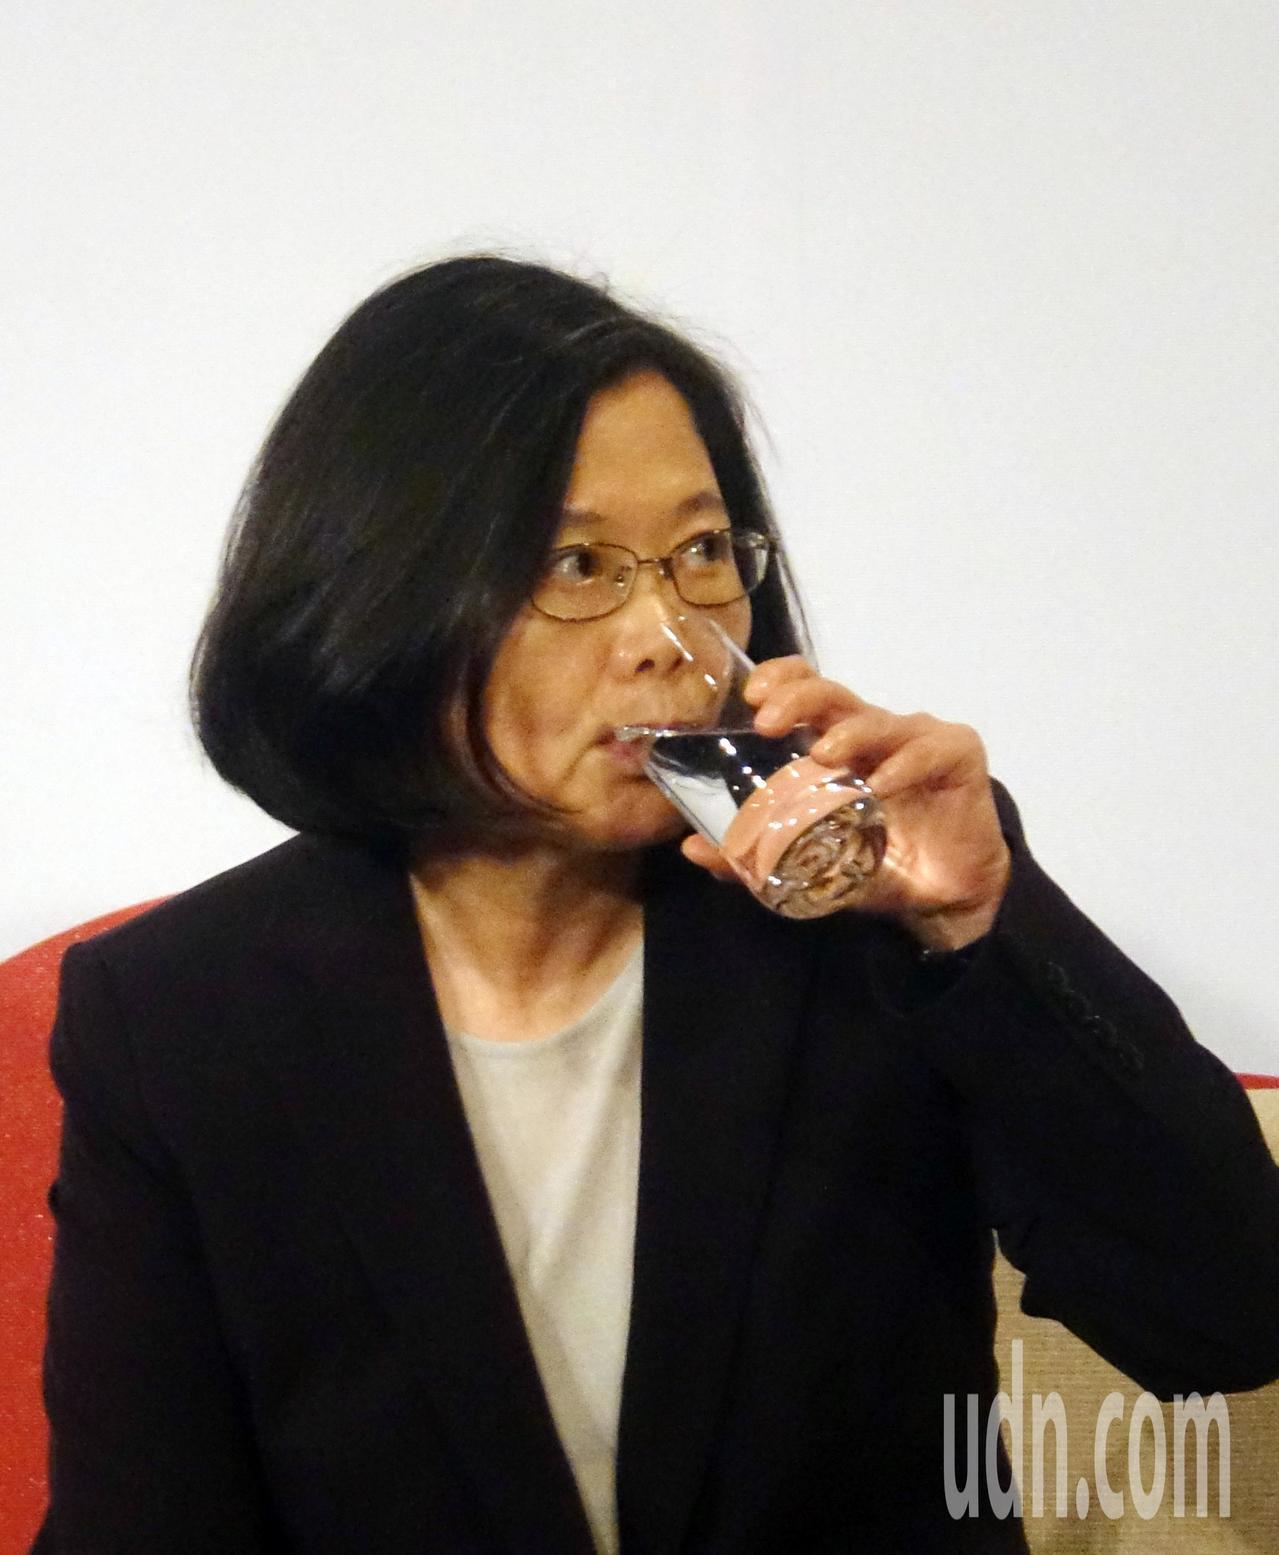 蔡英文總統(圖)晚上出席台北市美國商會謝年飯晚宴。記者曾吉松/攝影